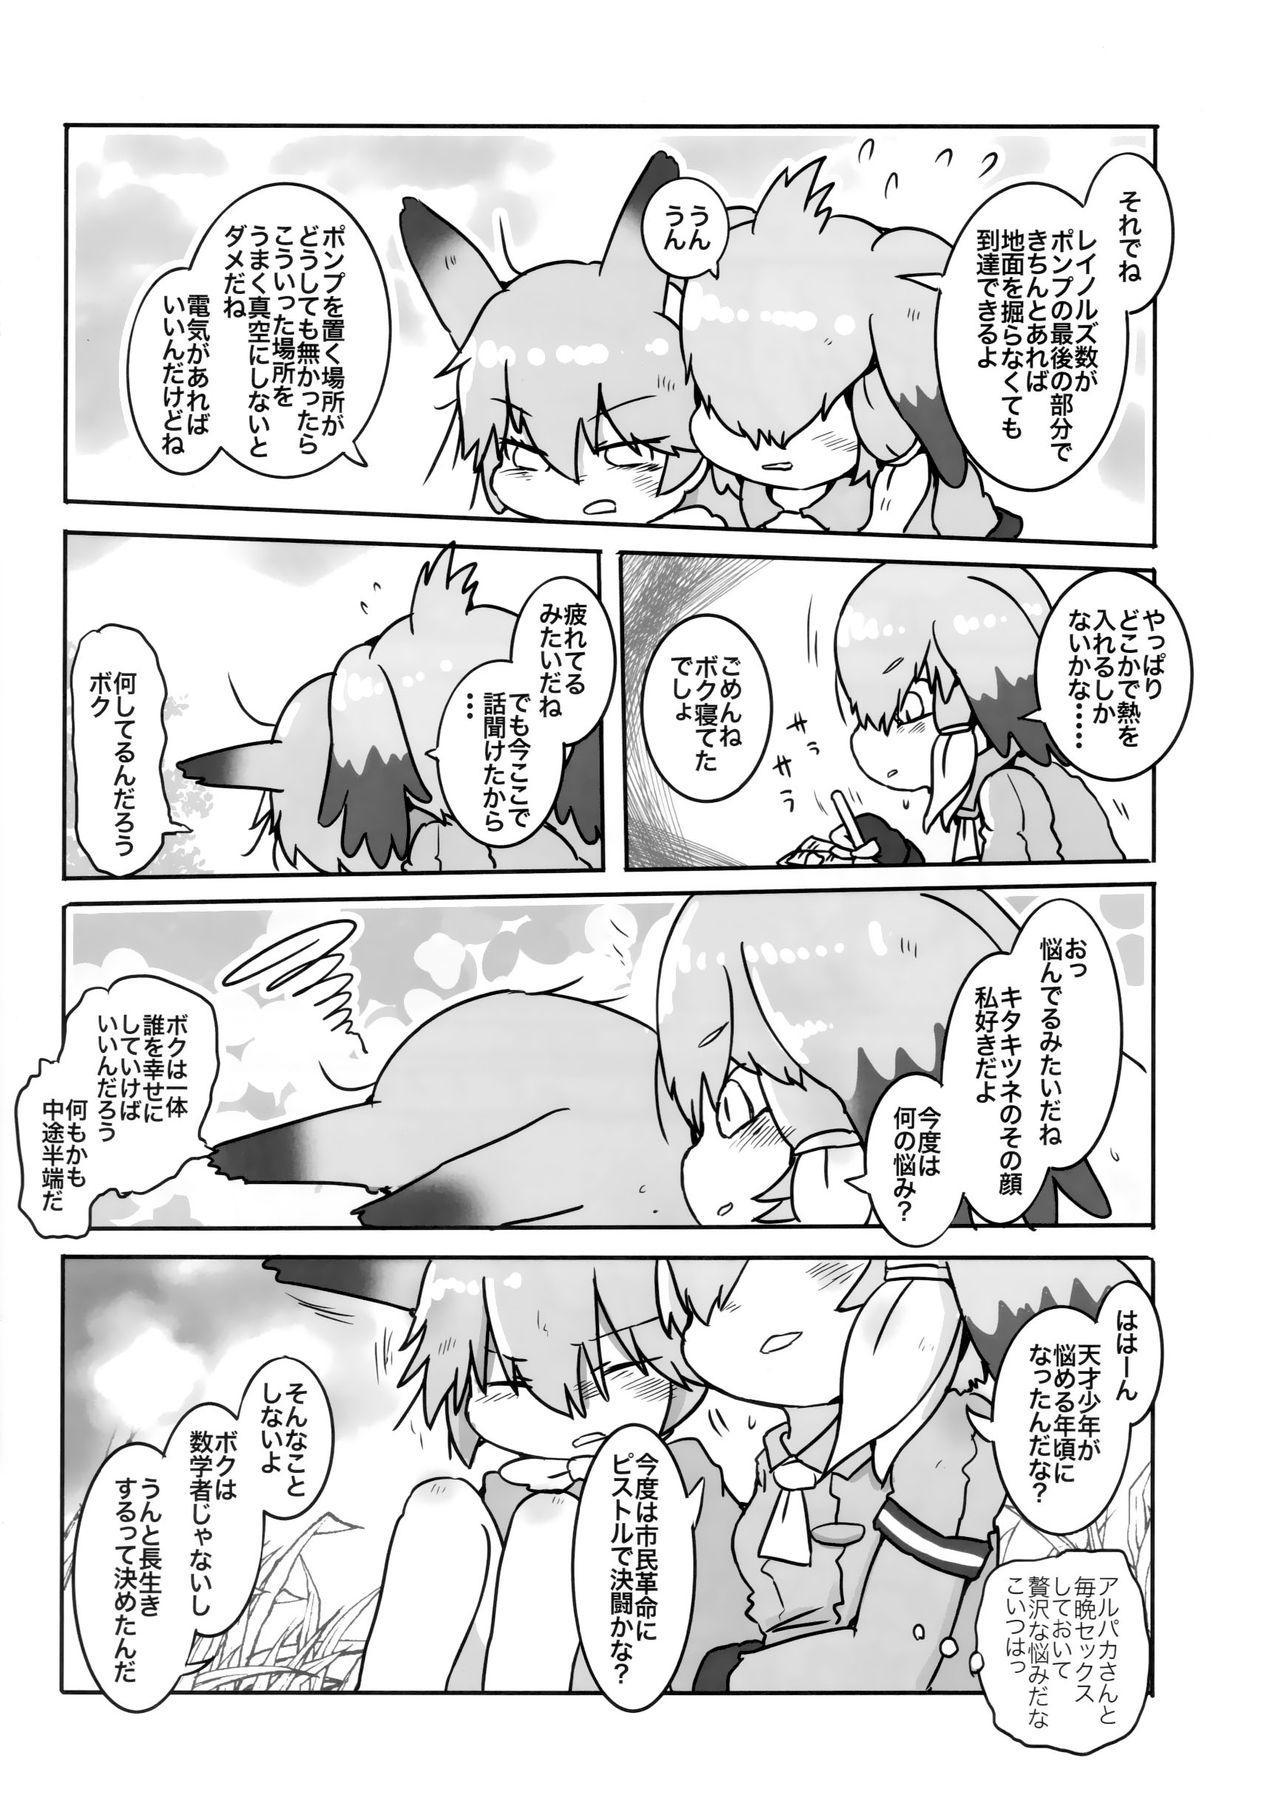 Boku, Koko de Zutto Kimi to Itai. 12